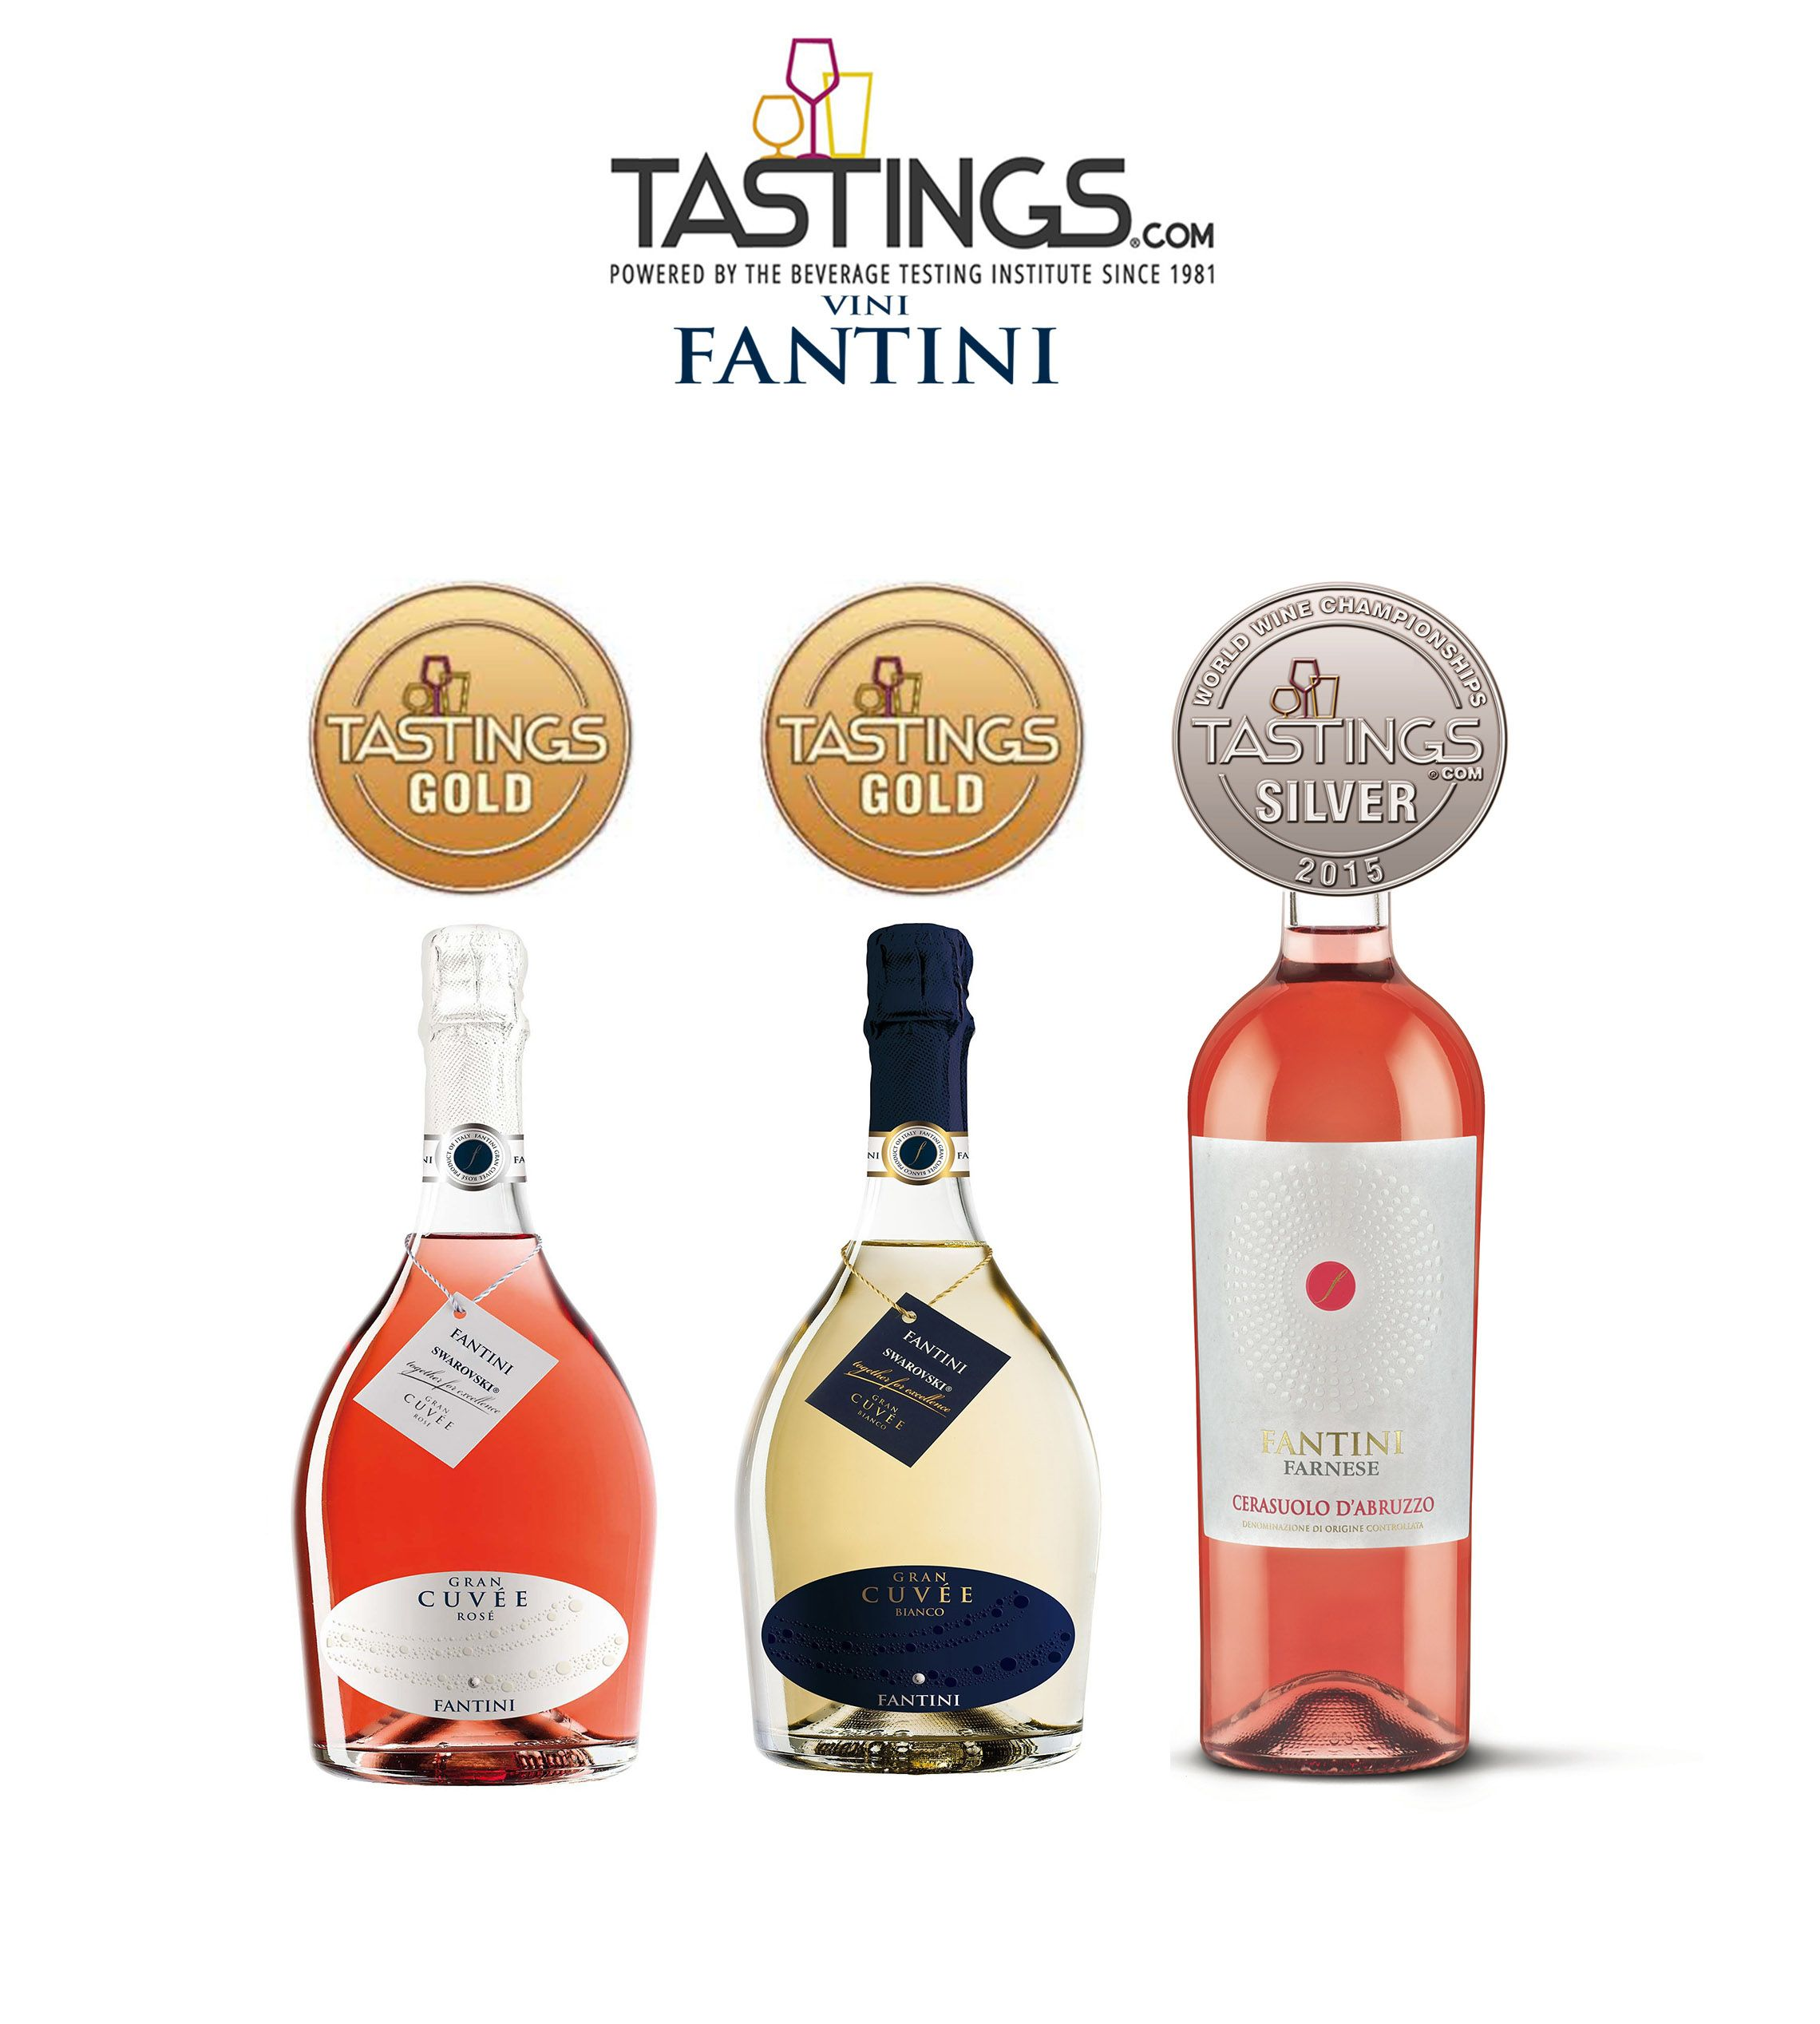 #tastings #chicago #awards #medals #wineawards #awardwinningwine #bestwine #bestitalianwine #italianwine #abruzzowine #abruzzo #cerasuolo #aglianico #sparklingwine #bollicine #metodocharmat